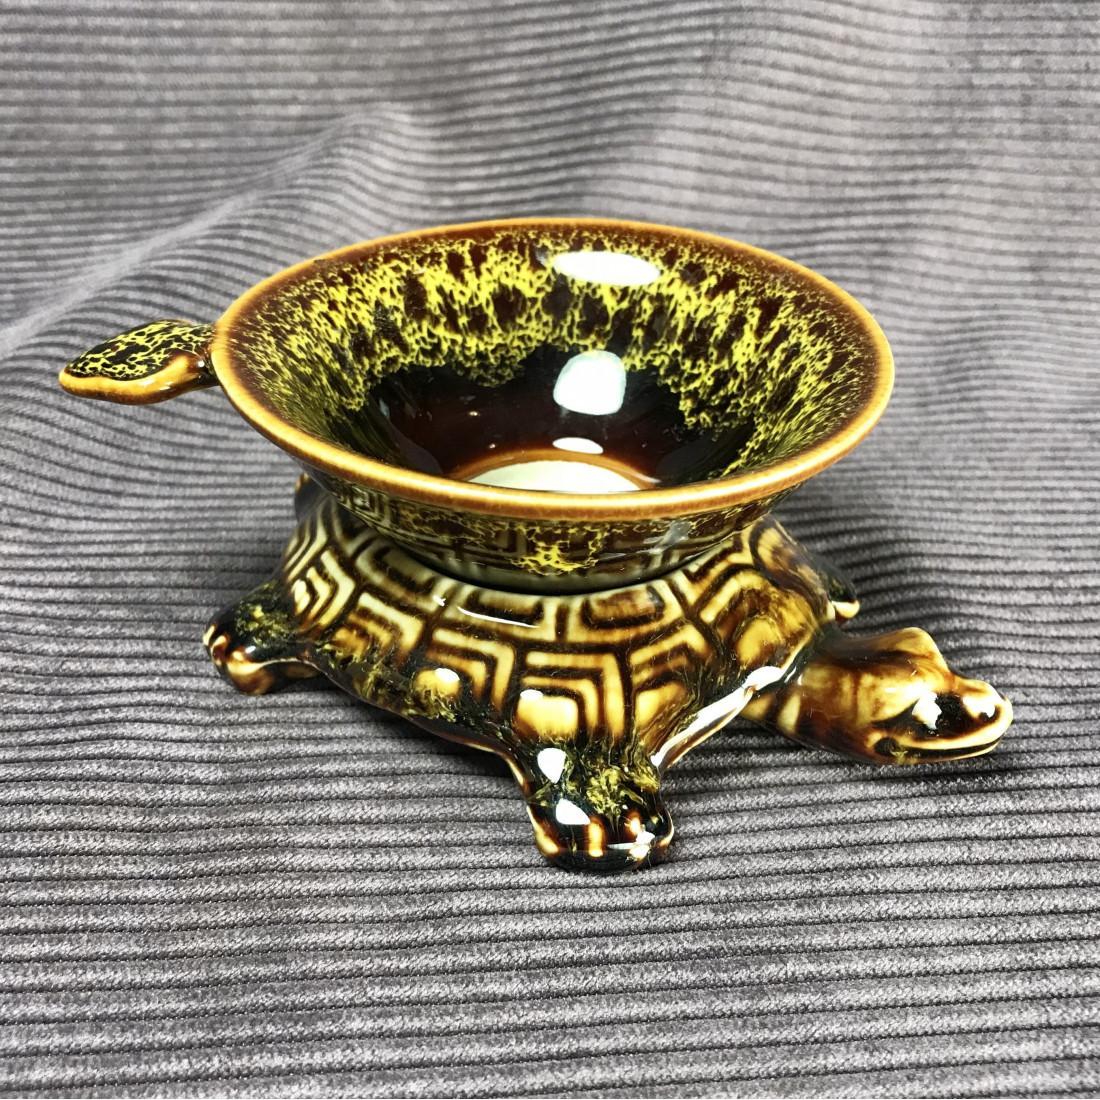 Сито в стиле яобянь «Черепаха»